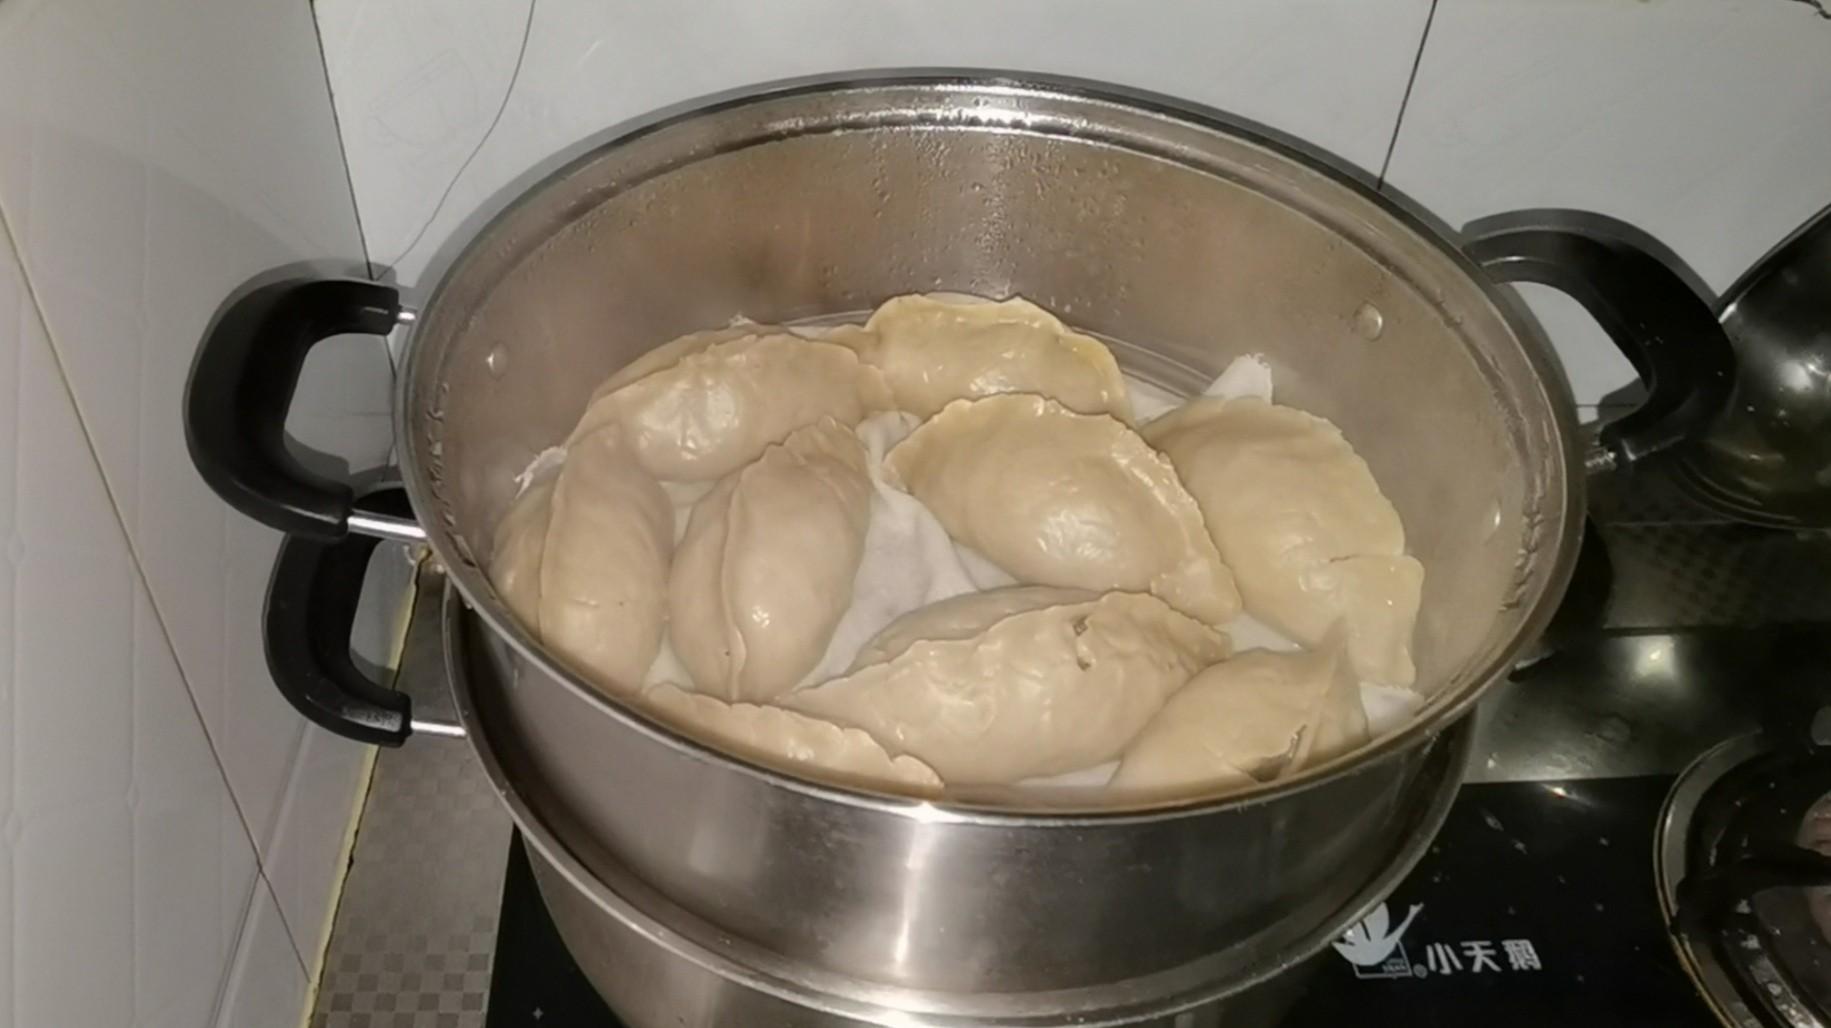 冬天用这几种食材做饺子馅,鲜香味美怎么做